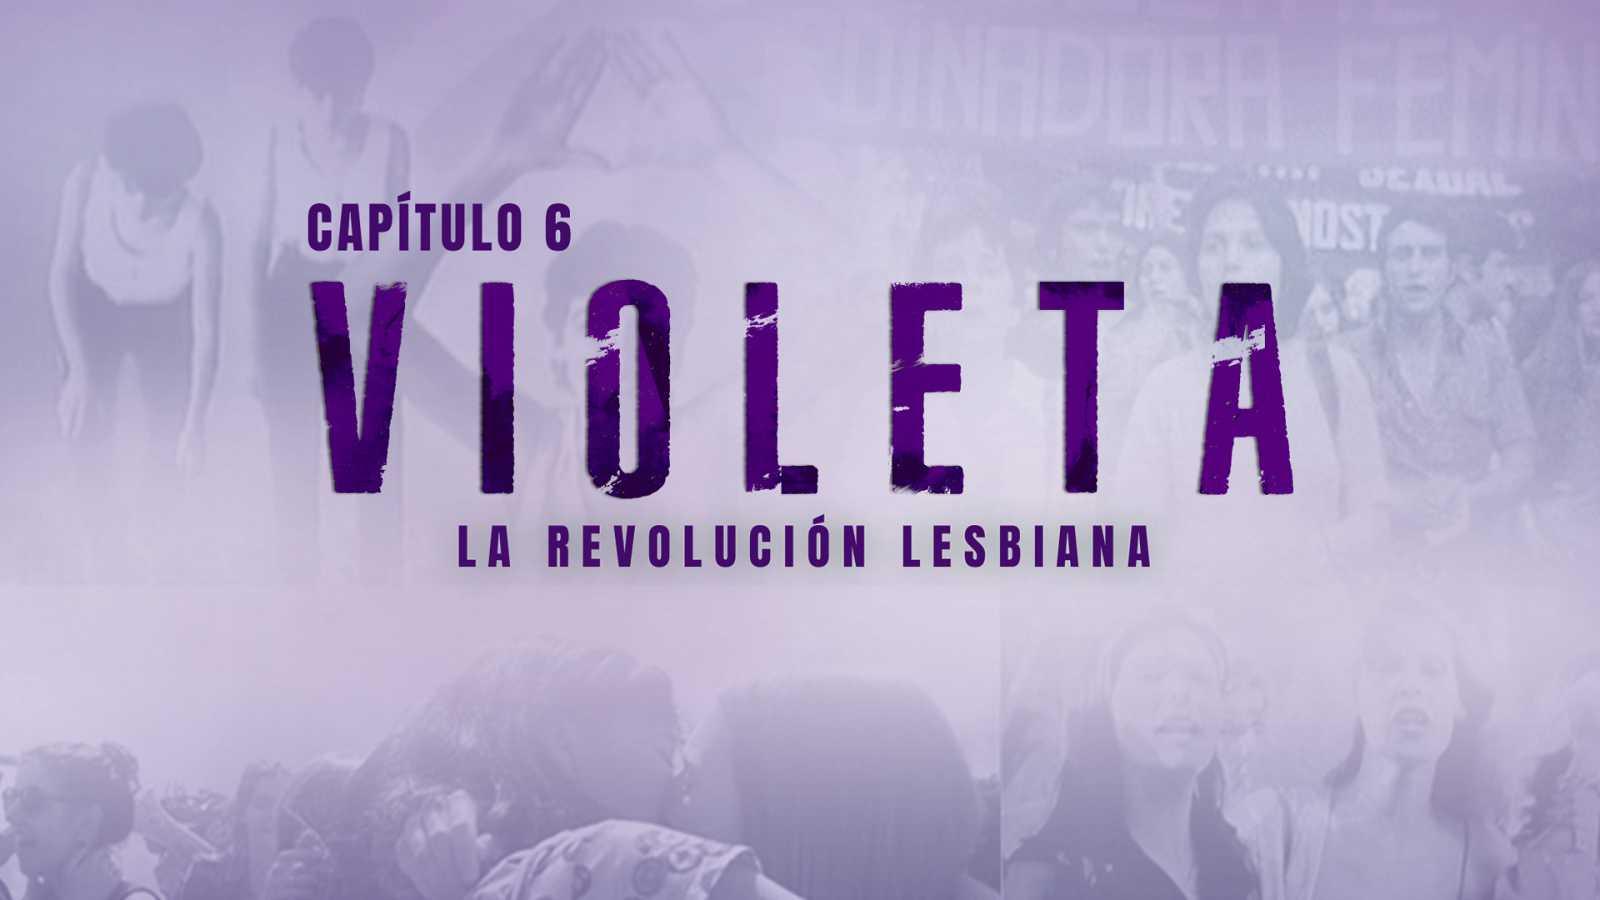 Nosotrxs somos - Capítulo 6: VIOLETA. La revolución lesbiana